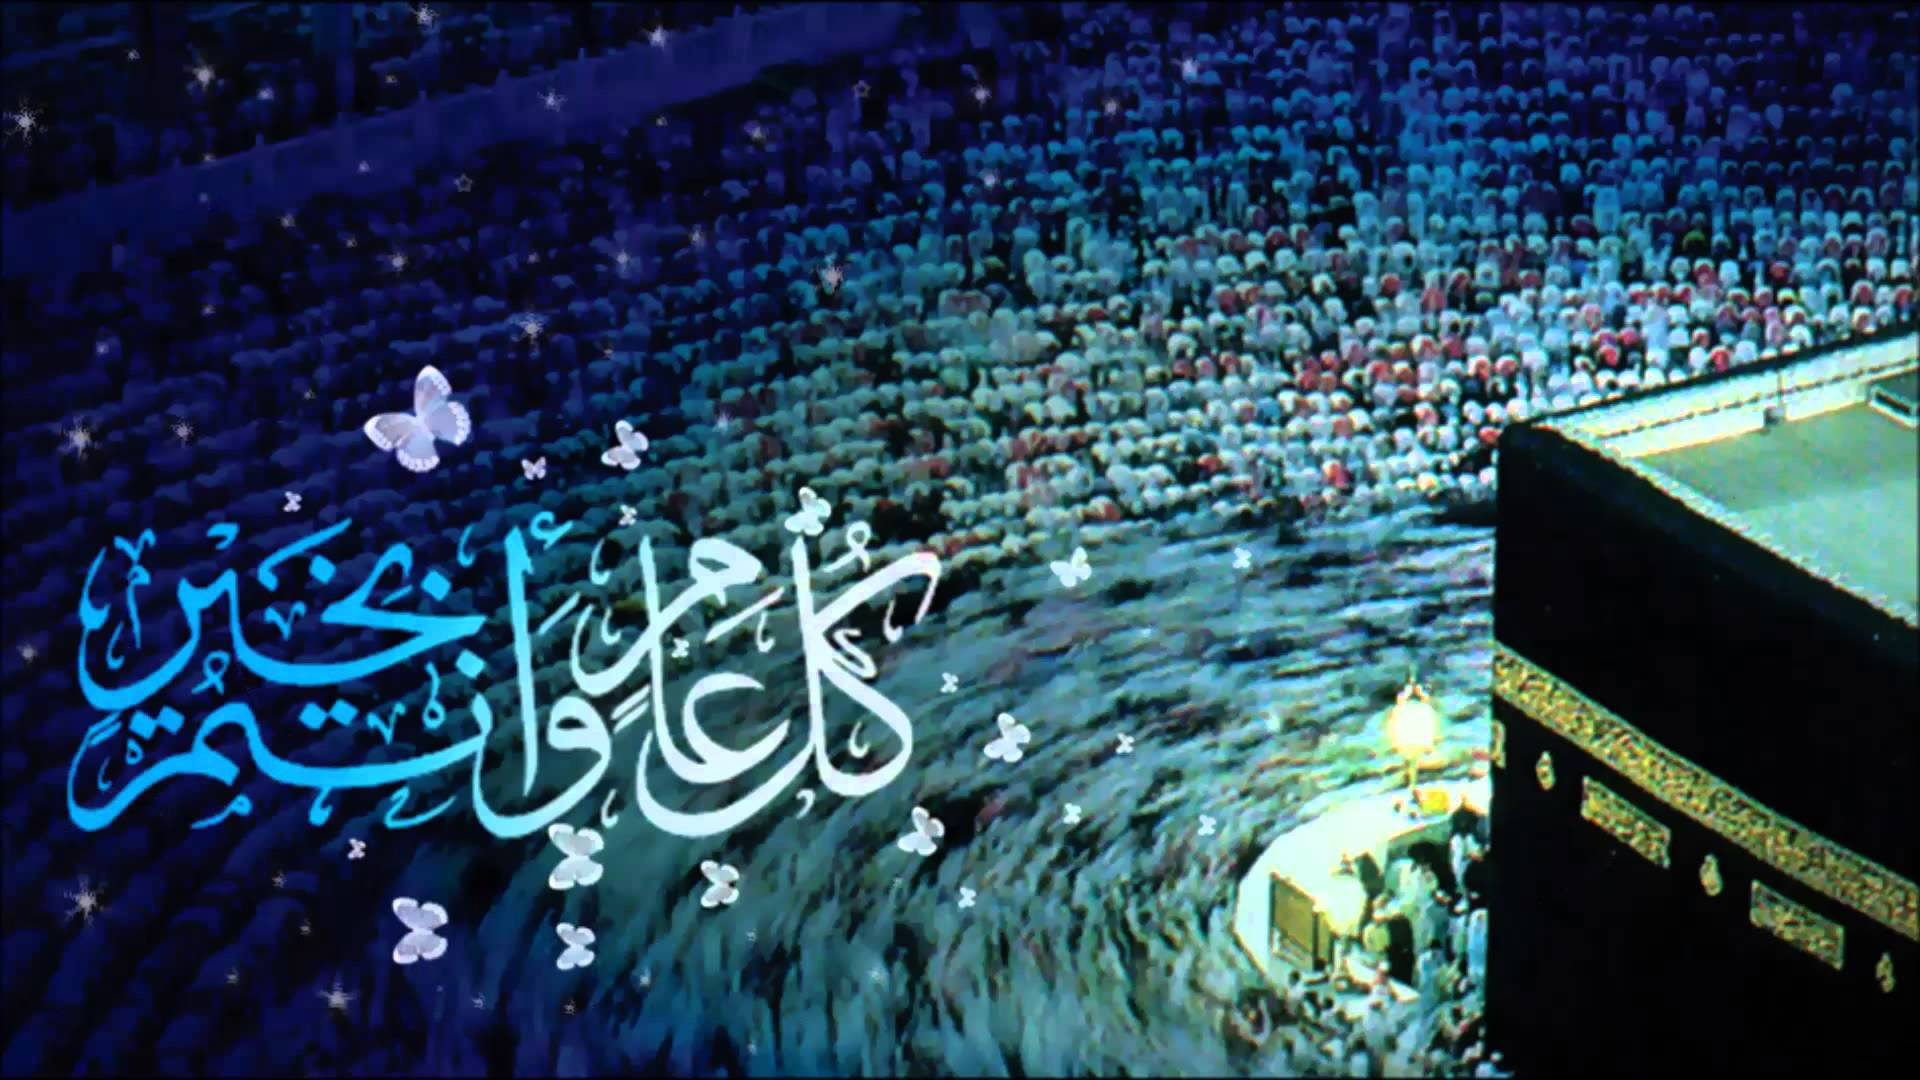 صور عن العيد 2020 رسائل عيد الفطر عيد الفطر المبارك صور عيد الفطر 23